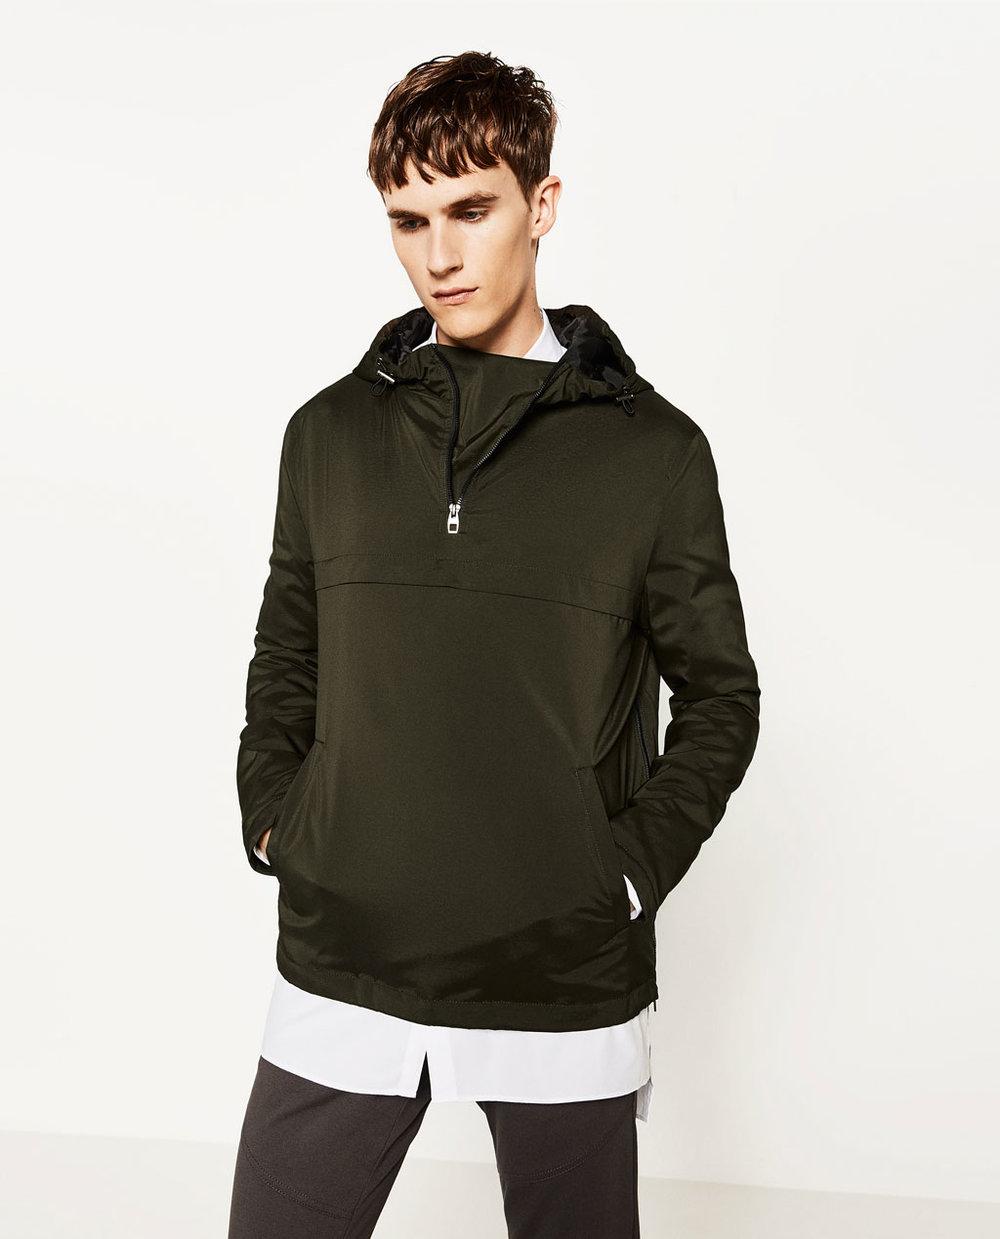 Zara $29.99